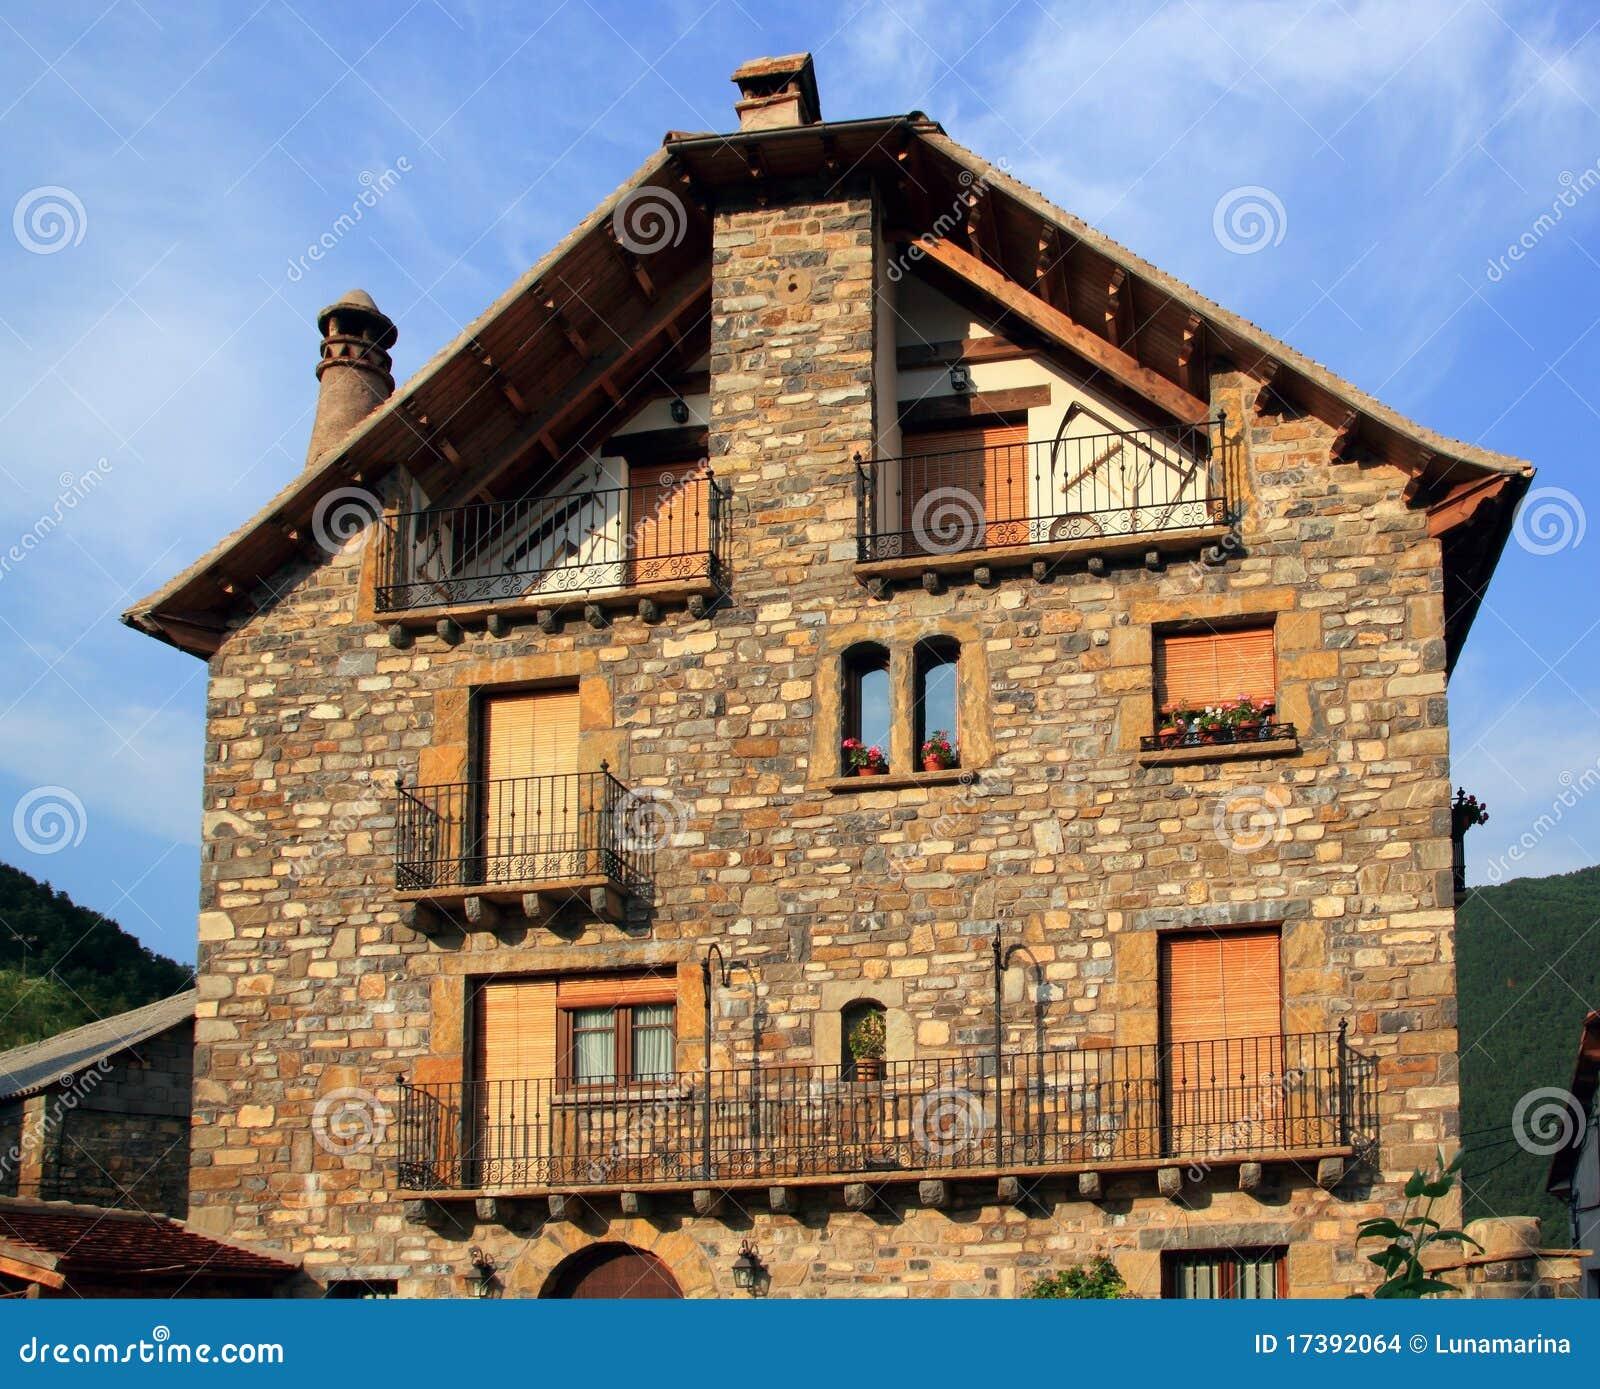 Casas de piedra de pyrenees en el valle huesca de anso - Fotos de casas de piedra ...